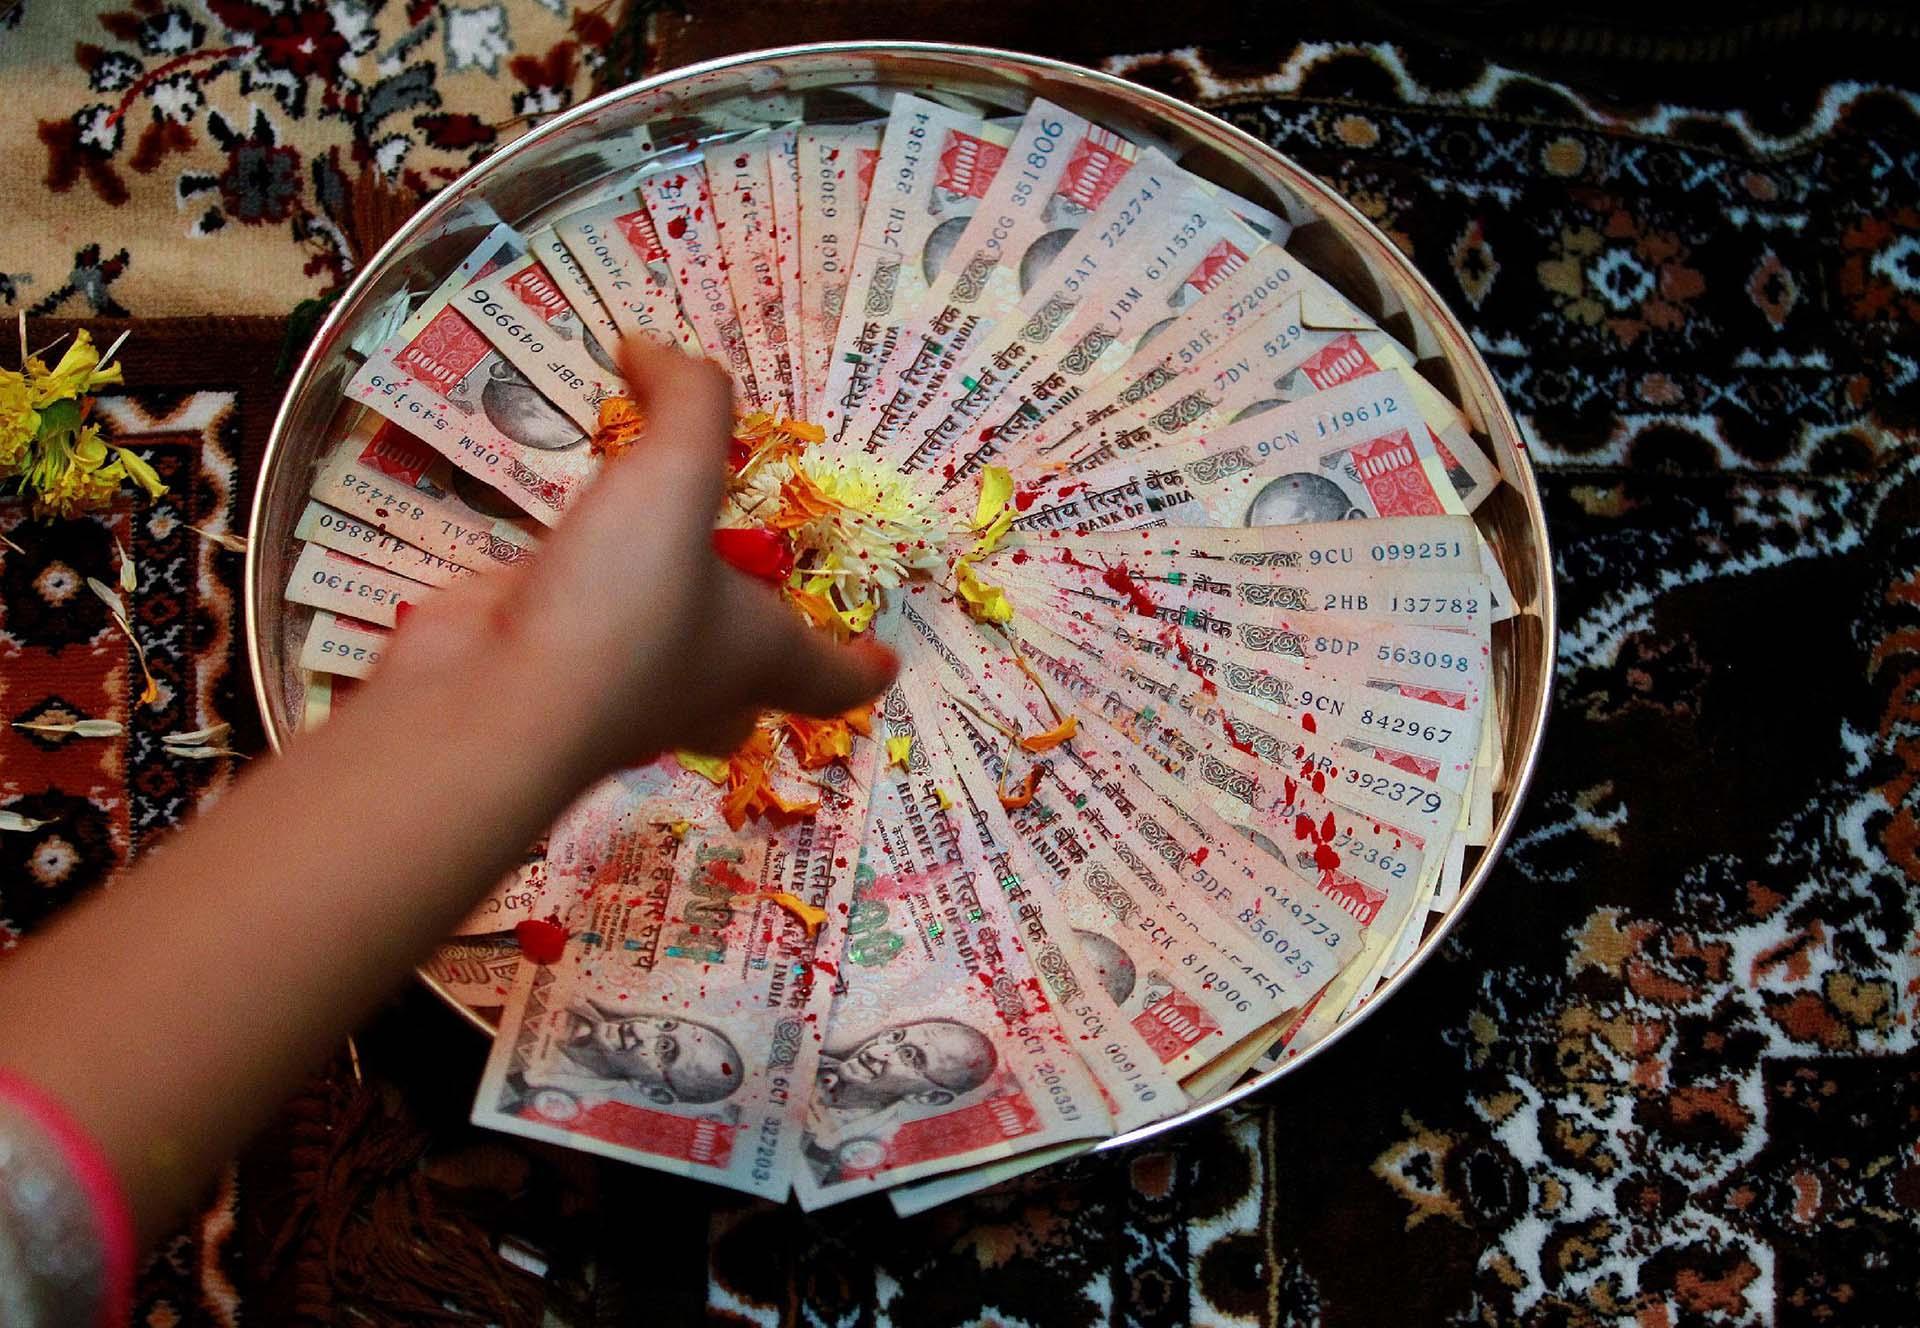 Una mujer coloca pétalos de flores sobre 1000 rupias indias, como parte de un ritual durante Dhanteras, un festival hindú asociado con Lakshmi, la diosa de la riqueza, en Ahmedabad